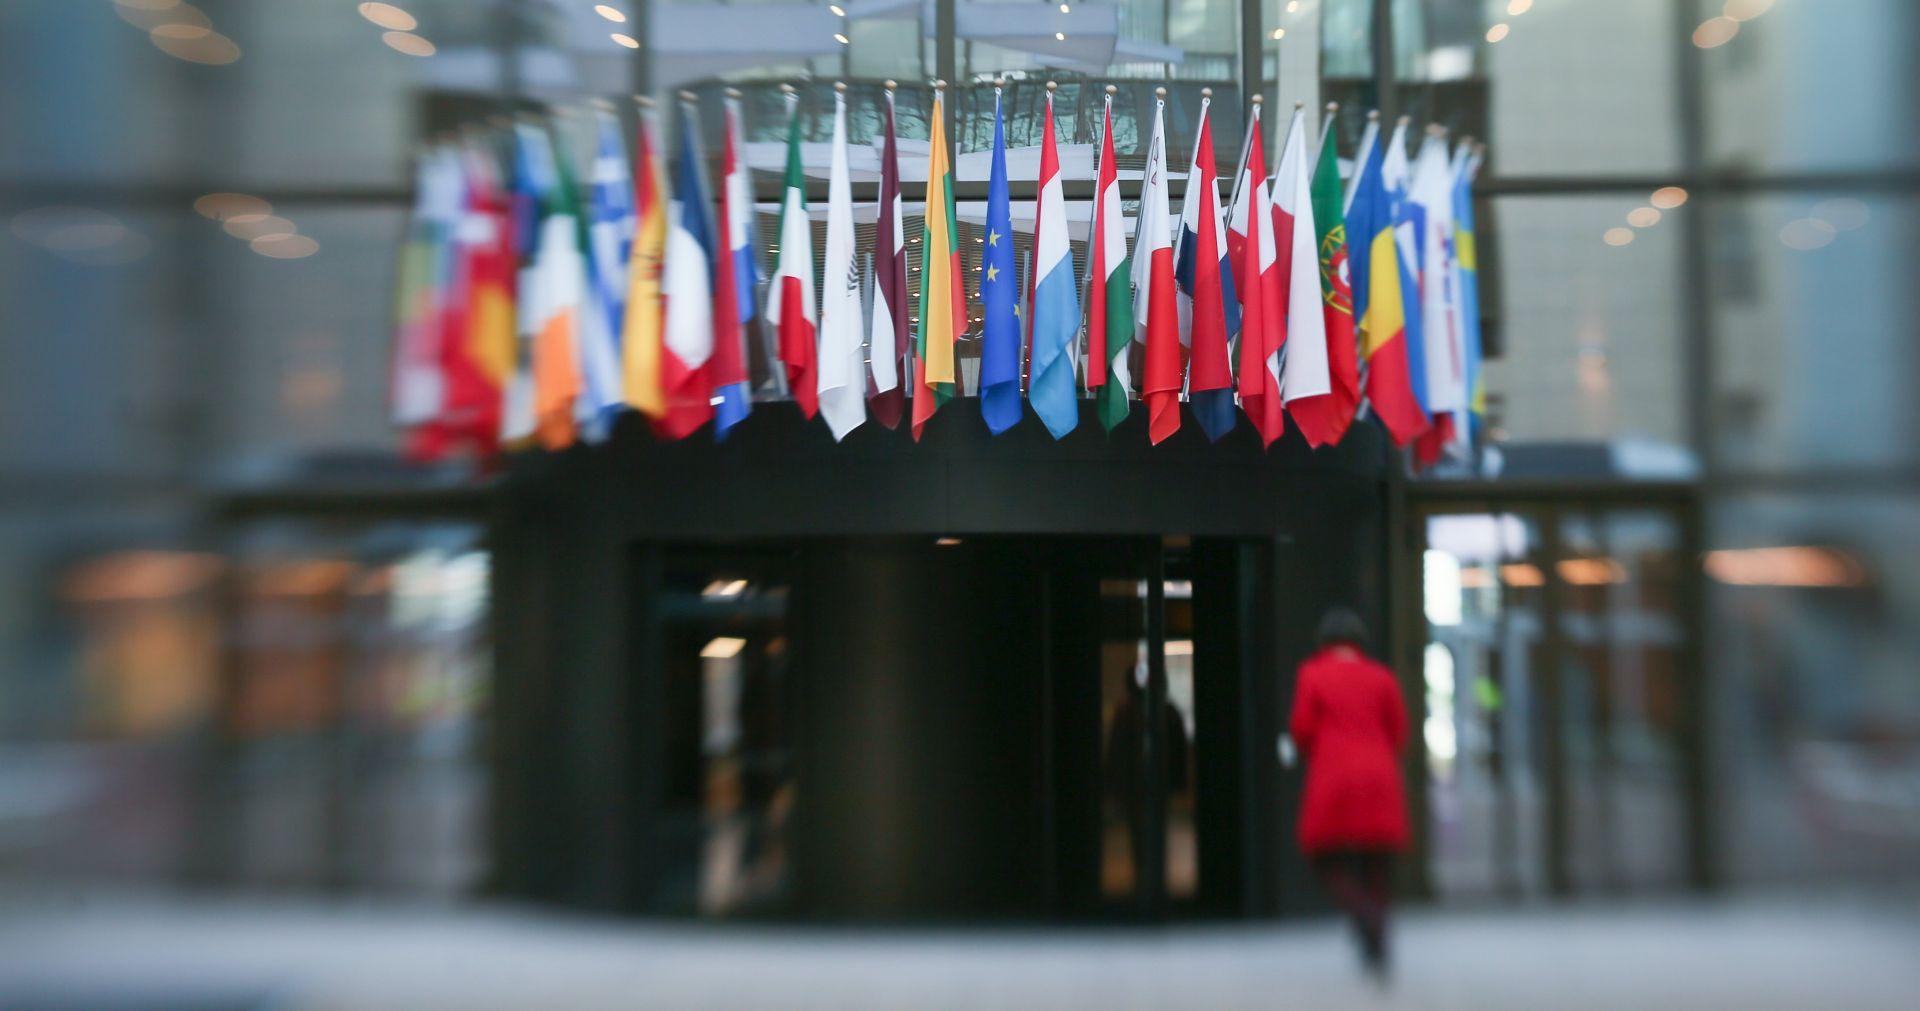 Summit 27-orice u povodu 60. obljetnice EU-a; jedinstvo ključna riječ